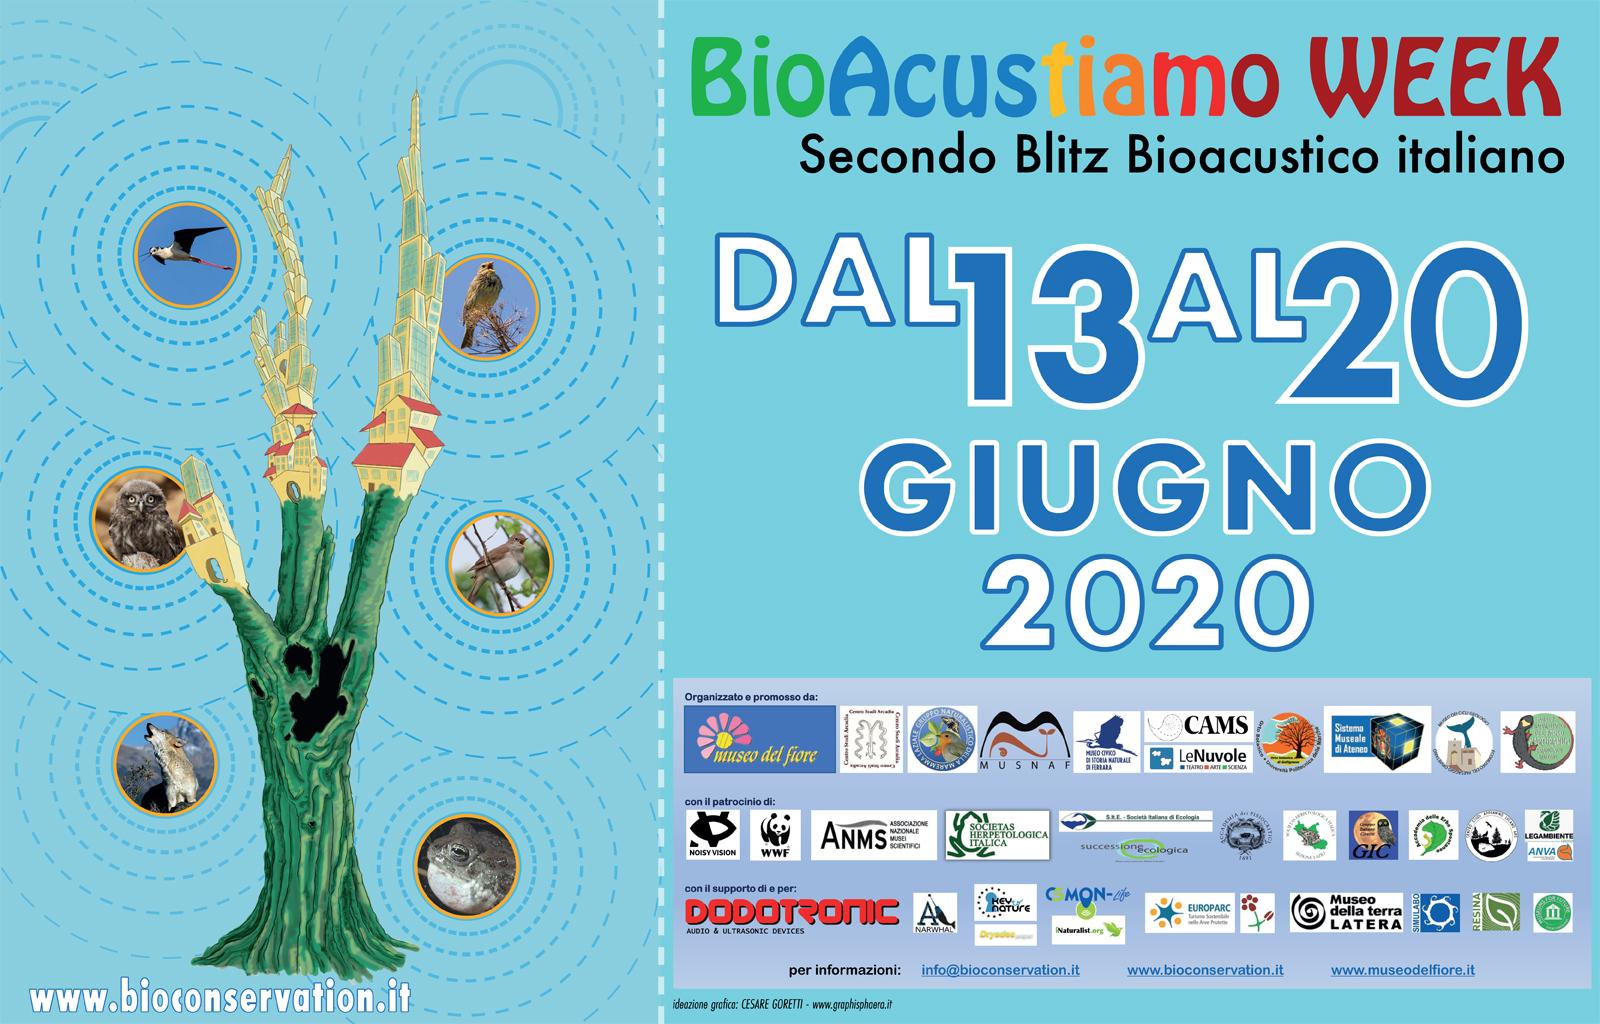 BioAcustic_Week_orizzontale Locandina  evento. Albero con vari suoni che partono dai rami. Loghi degli sponsor e ptraocini